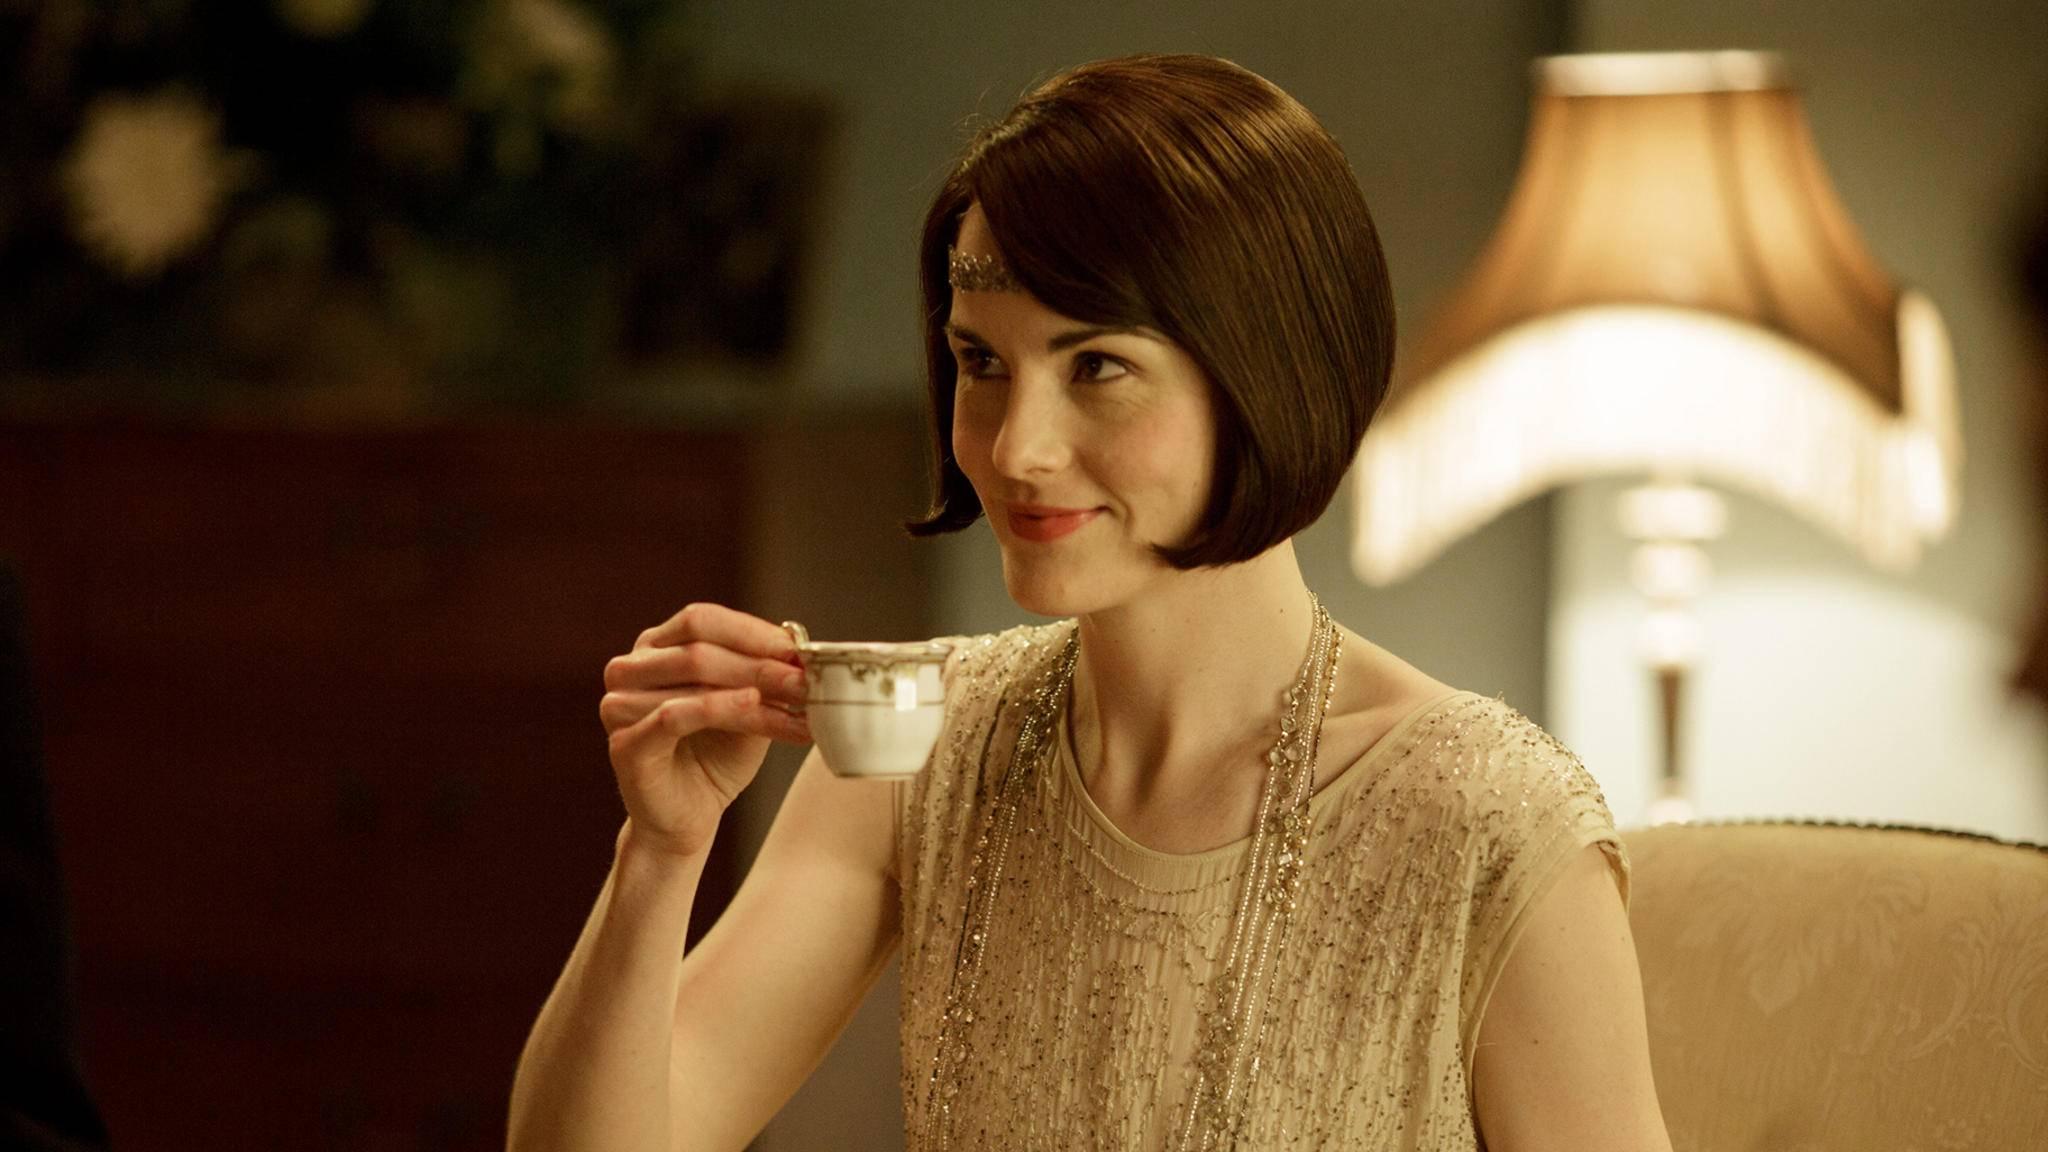 Abwarten und Tee trinken? Michelle Dockery ist bei der Vorbereitung gewissenhafter.